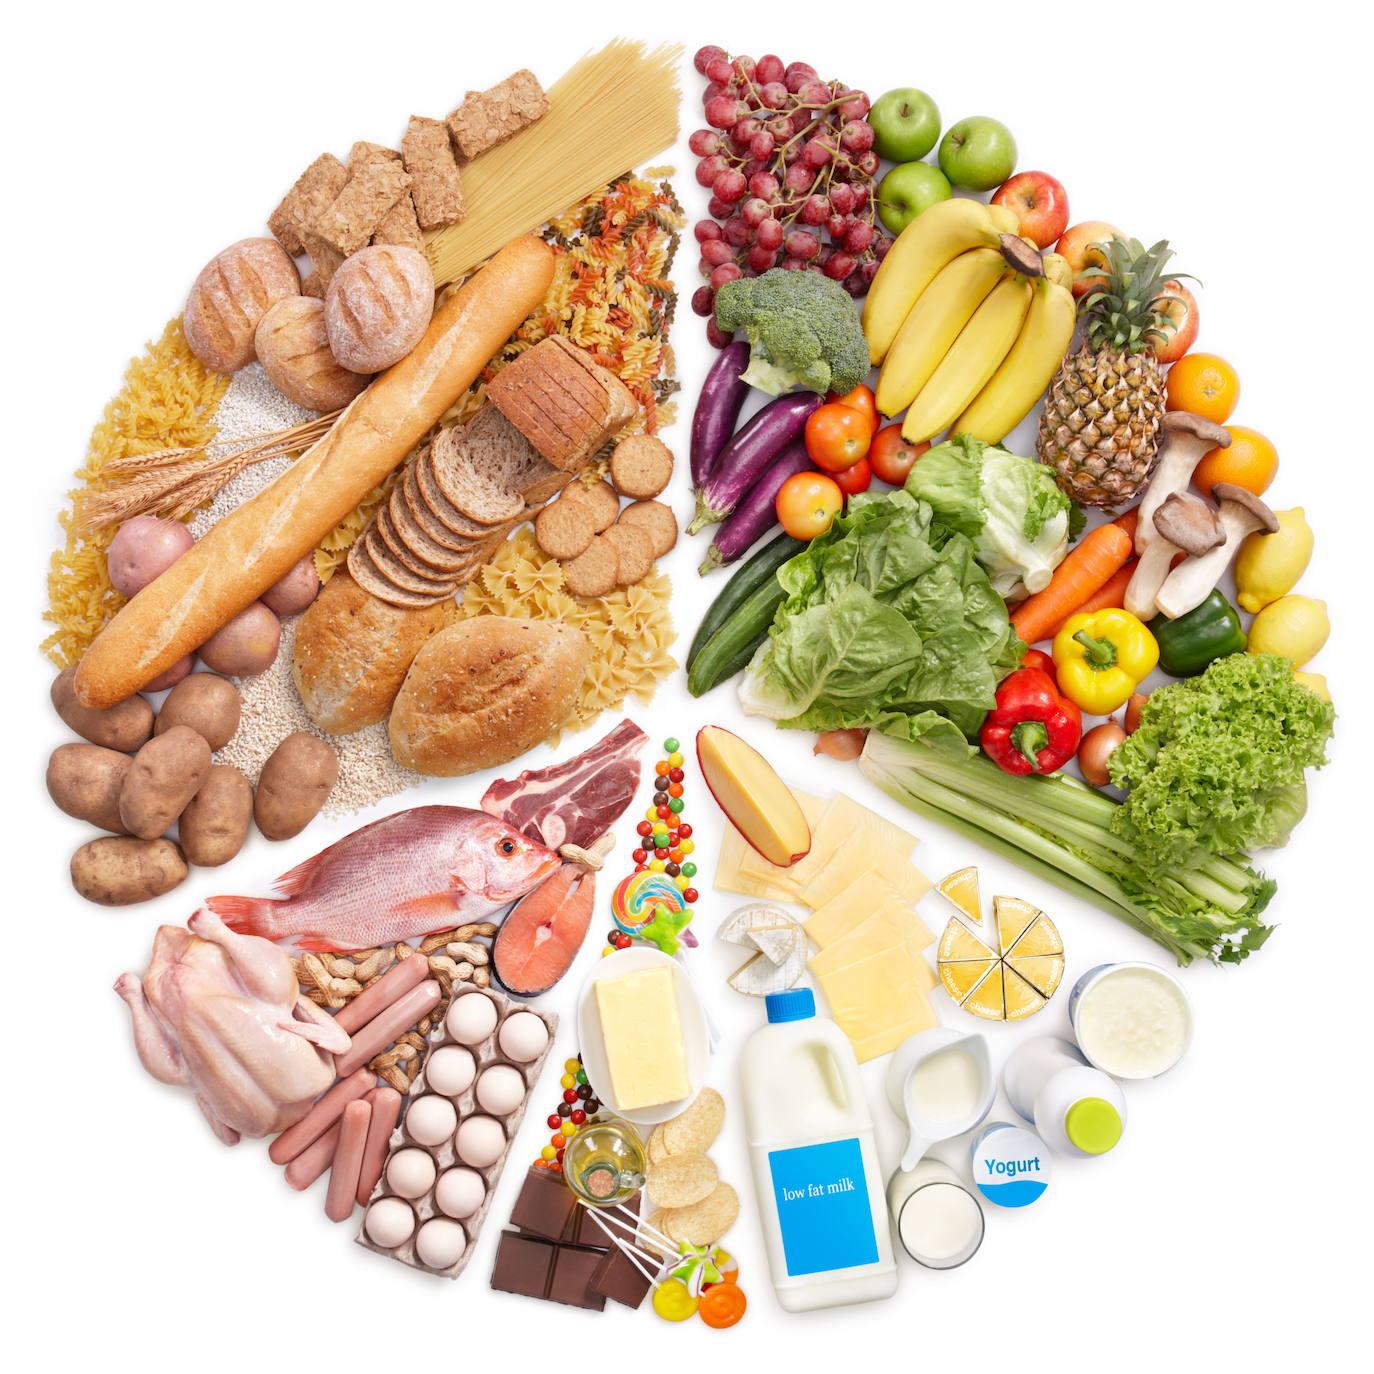 Qué comer para tener una cuarentena sana (y sin sobrepeso) | Hoy